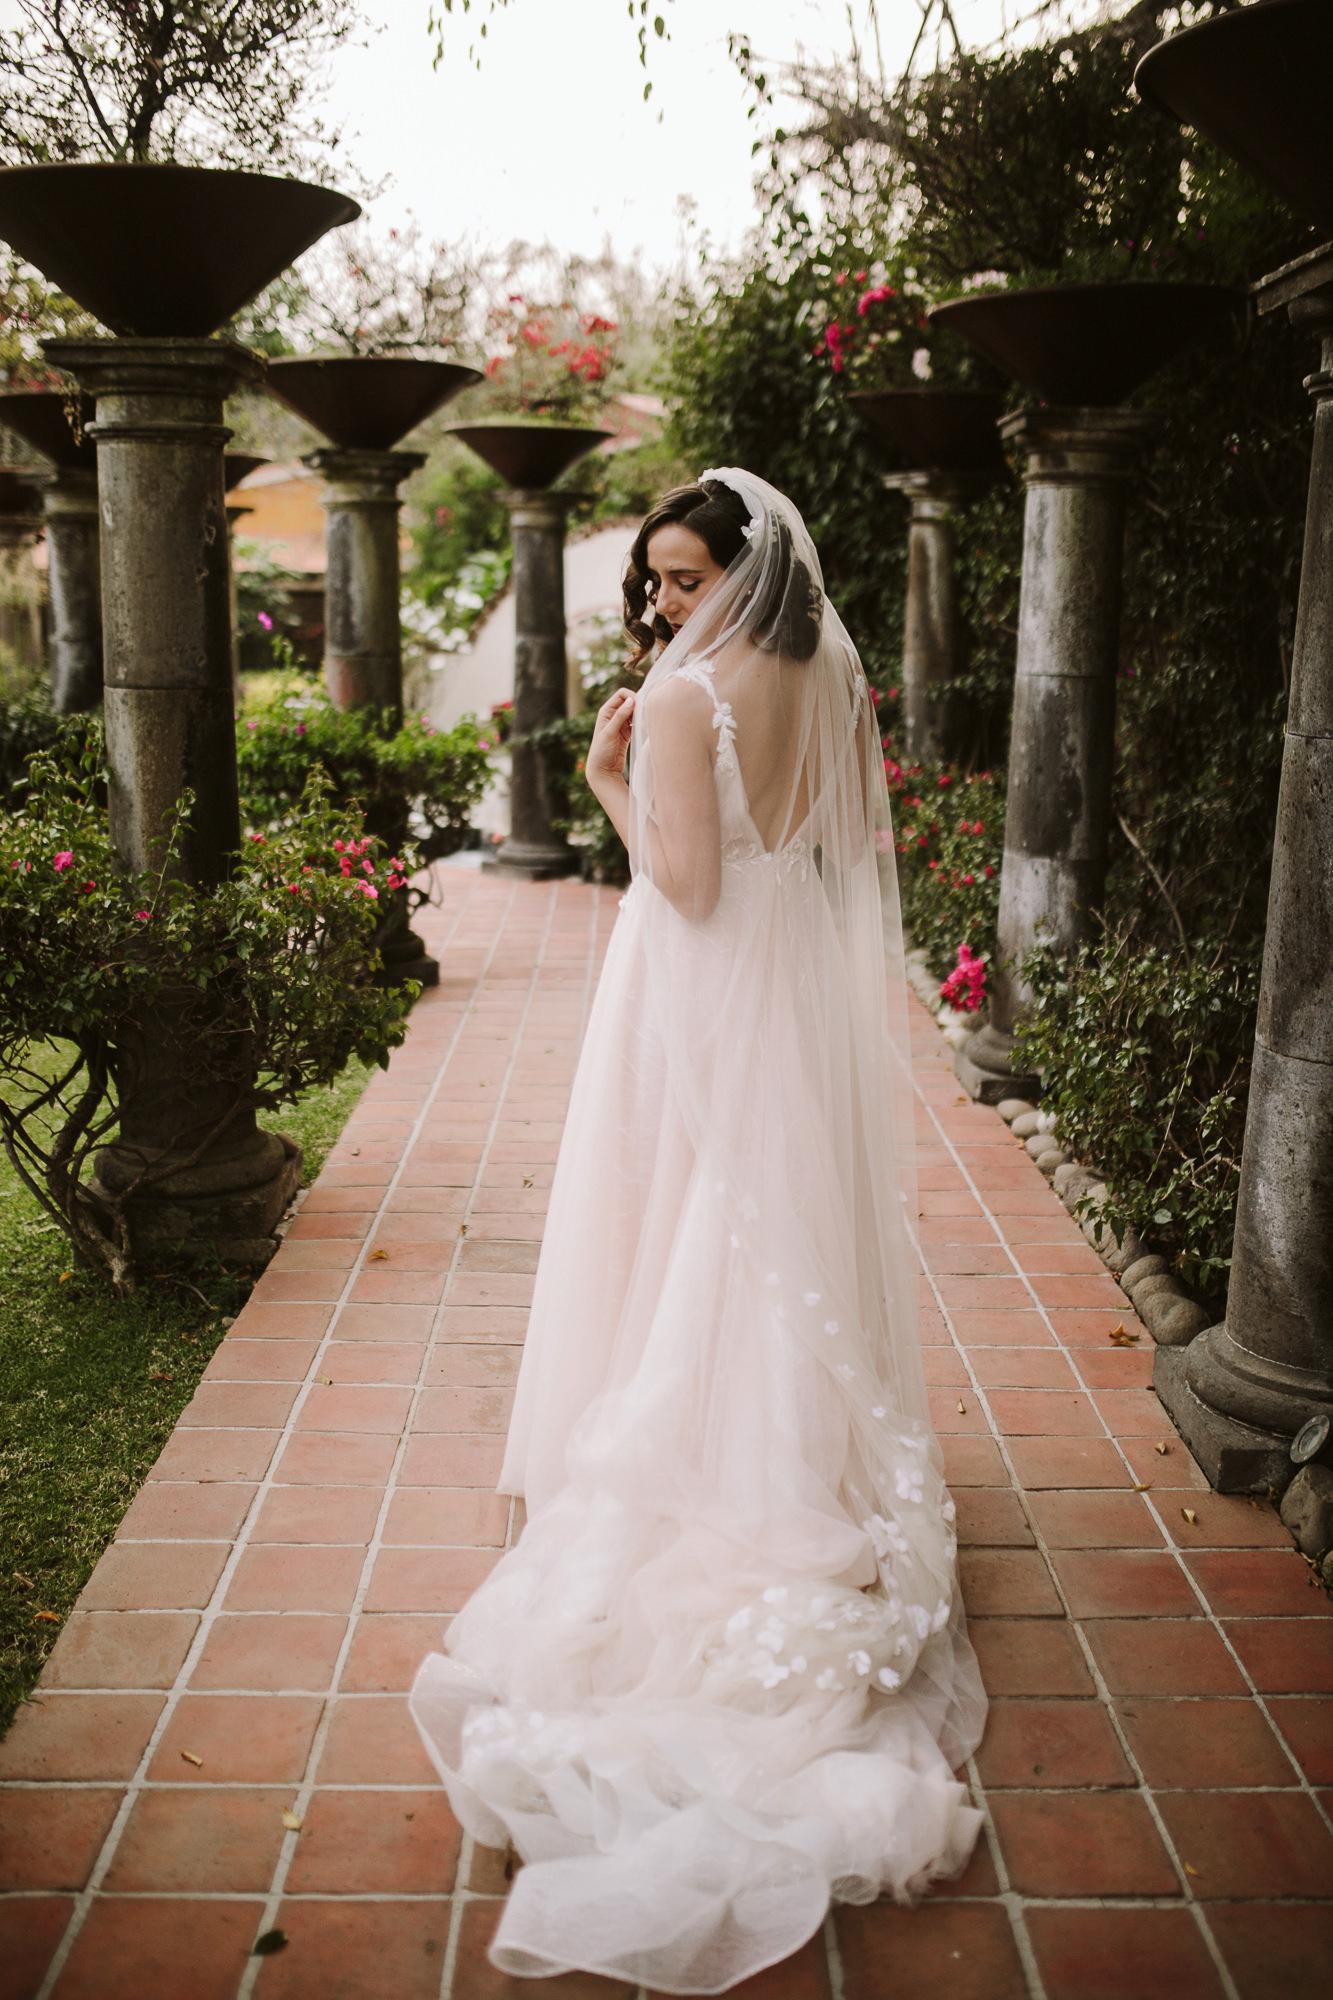 bodas_en_tepoztlan_casa_bugambilia_alfonso_flores_destination_wedding_photographer174.jpg